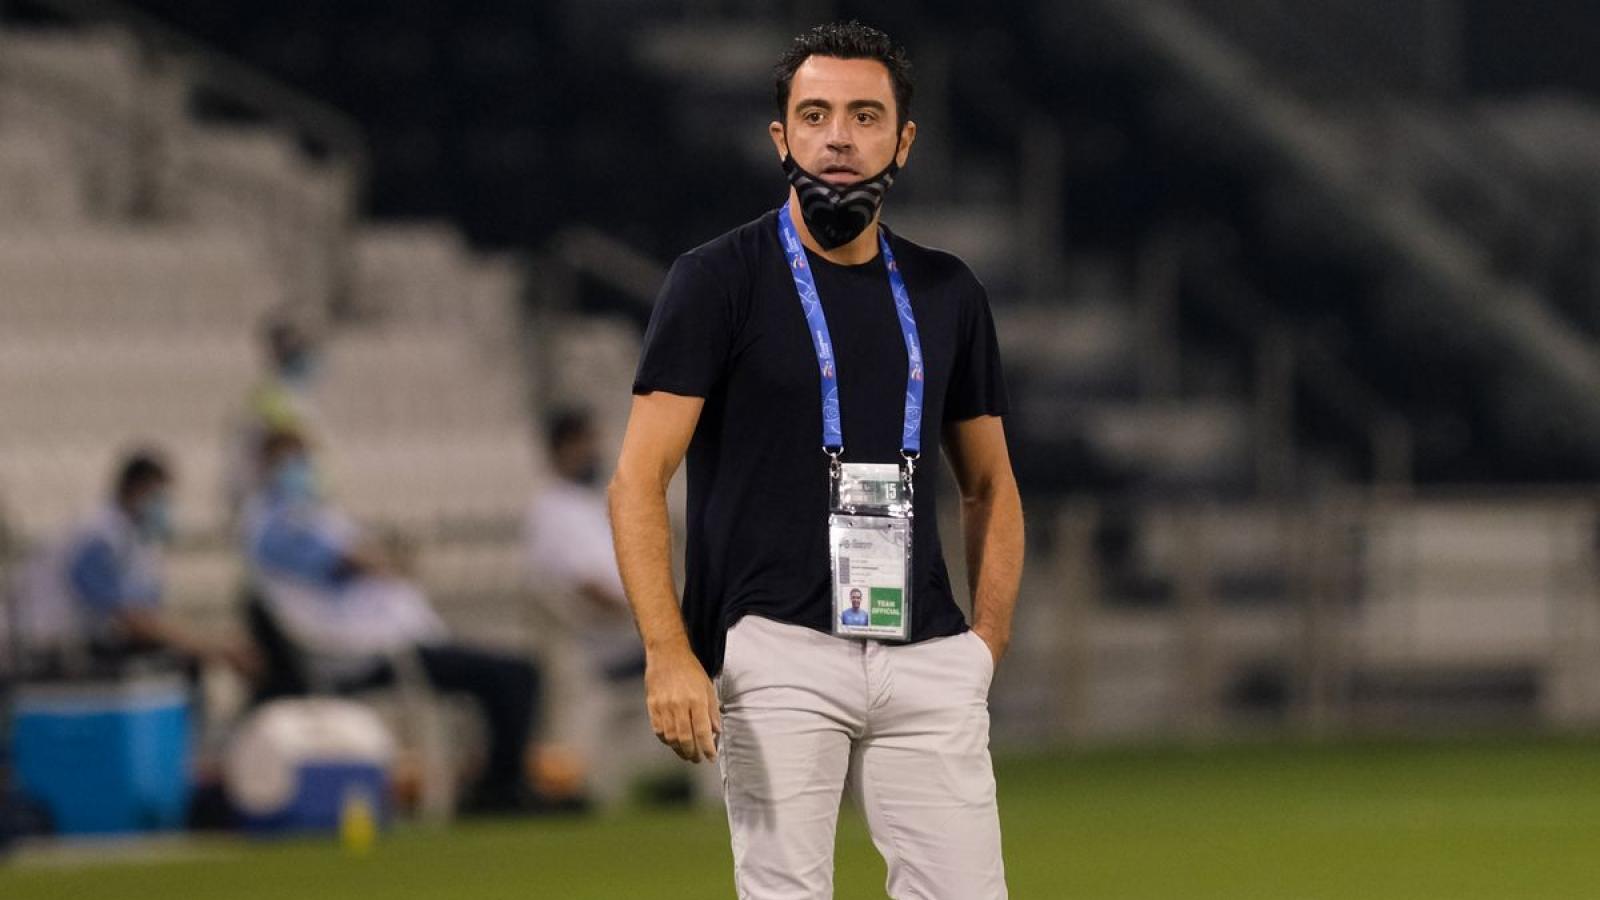 Huyền thoại Barca tiếp tục gắn bó với đội bóng Qatar